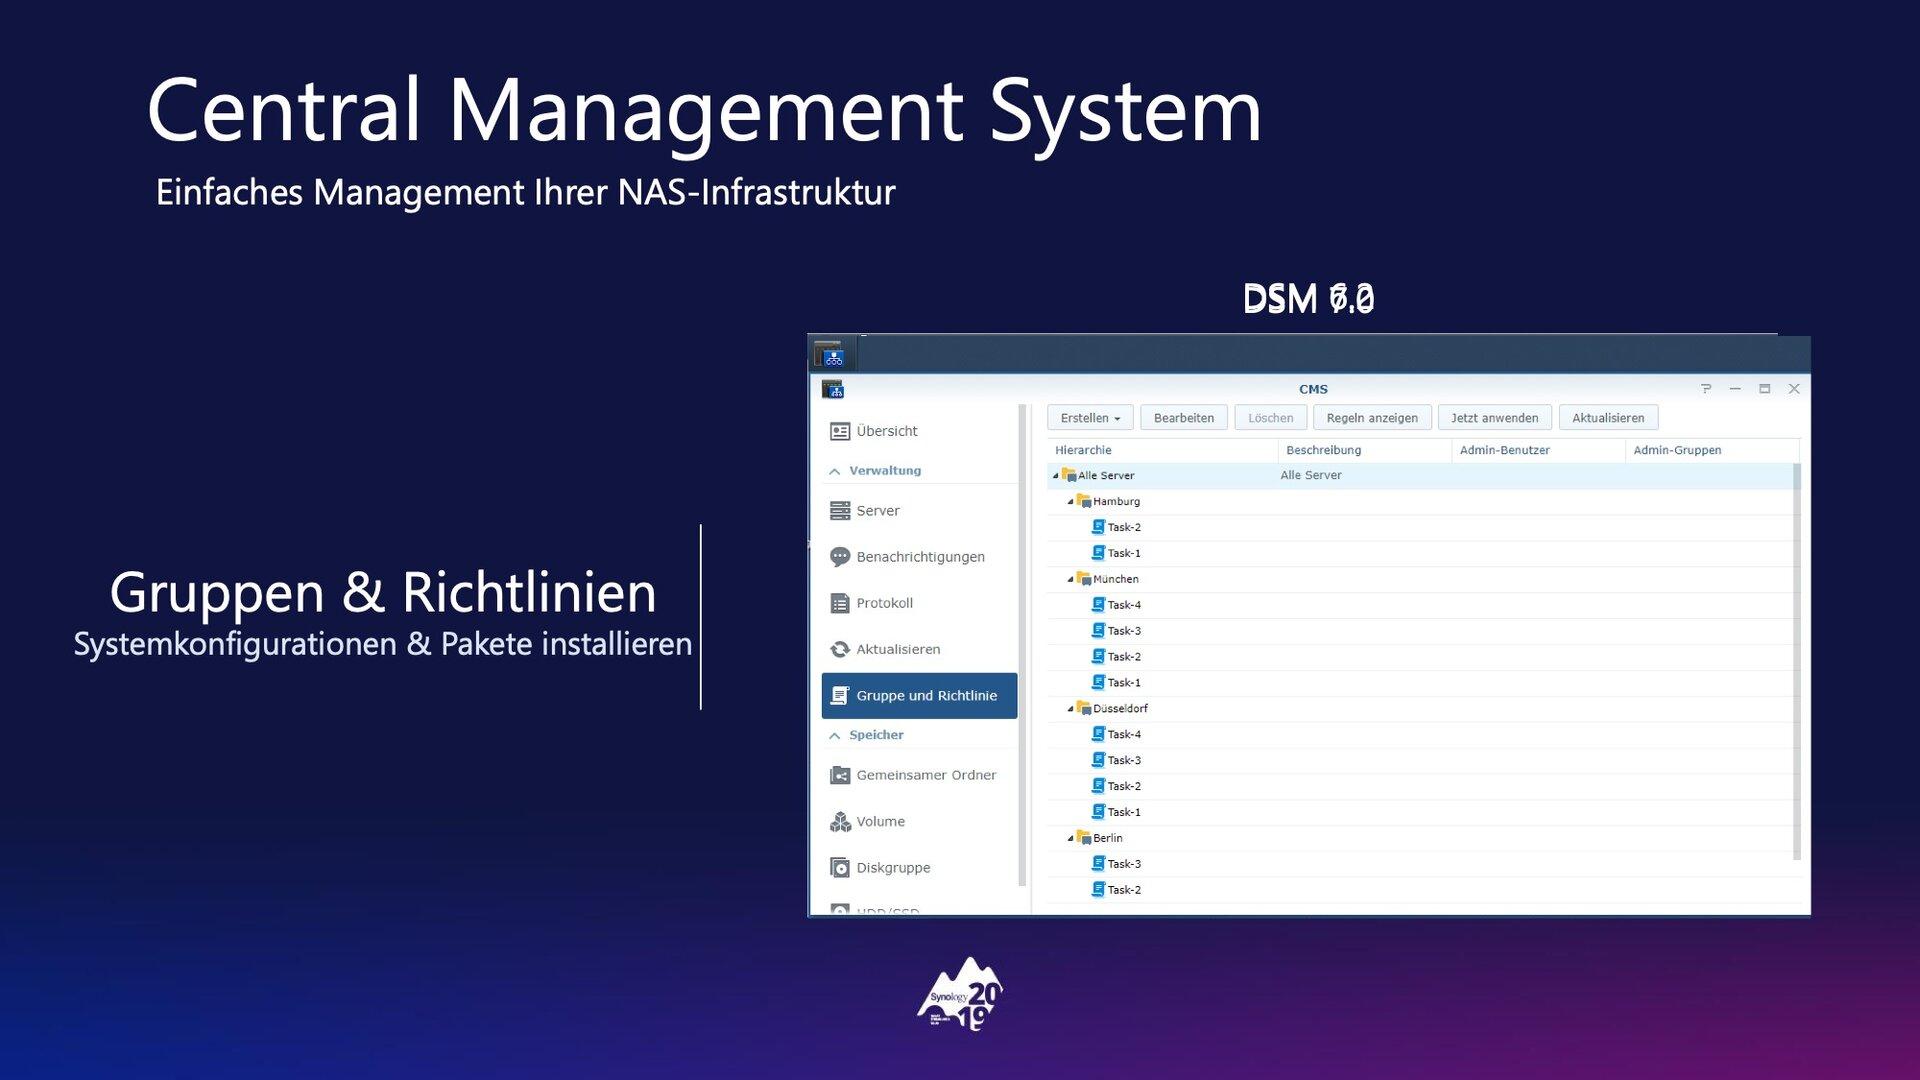 DSM 7.0: Central Management System